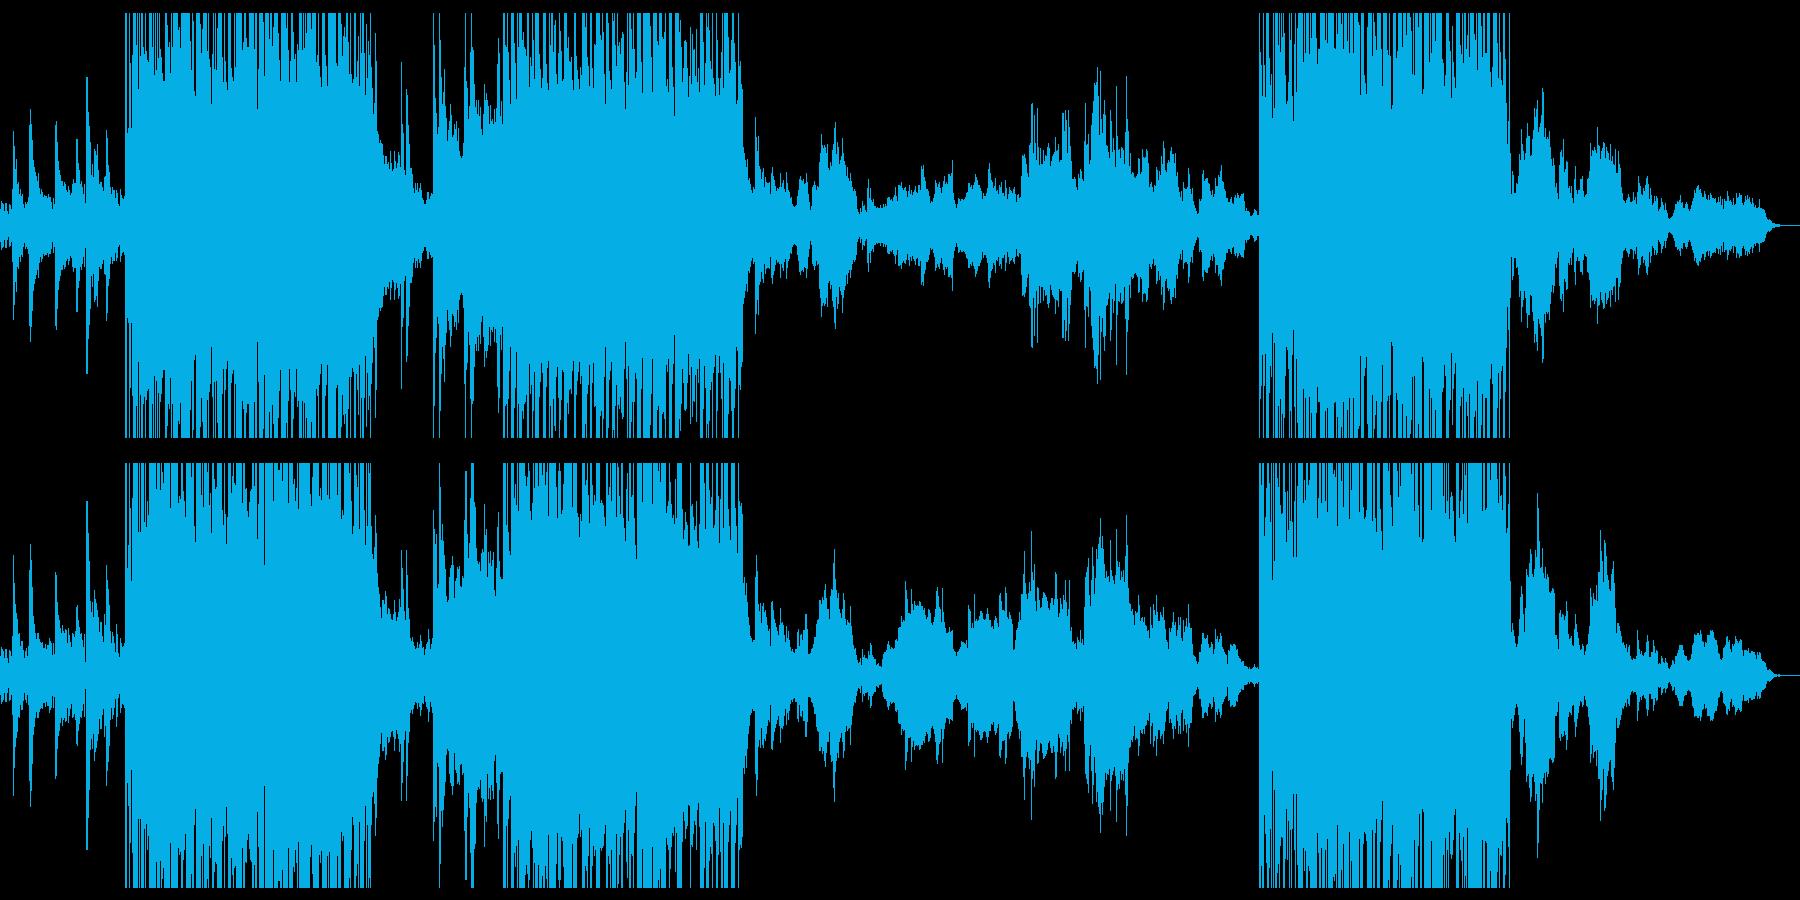 パンチのあるピアノ曲の再生済みの波形